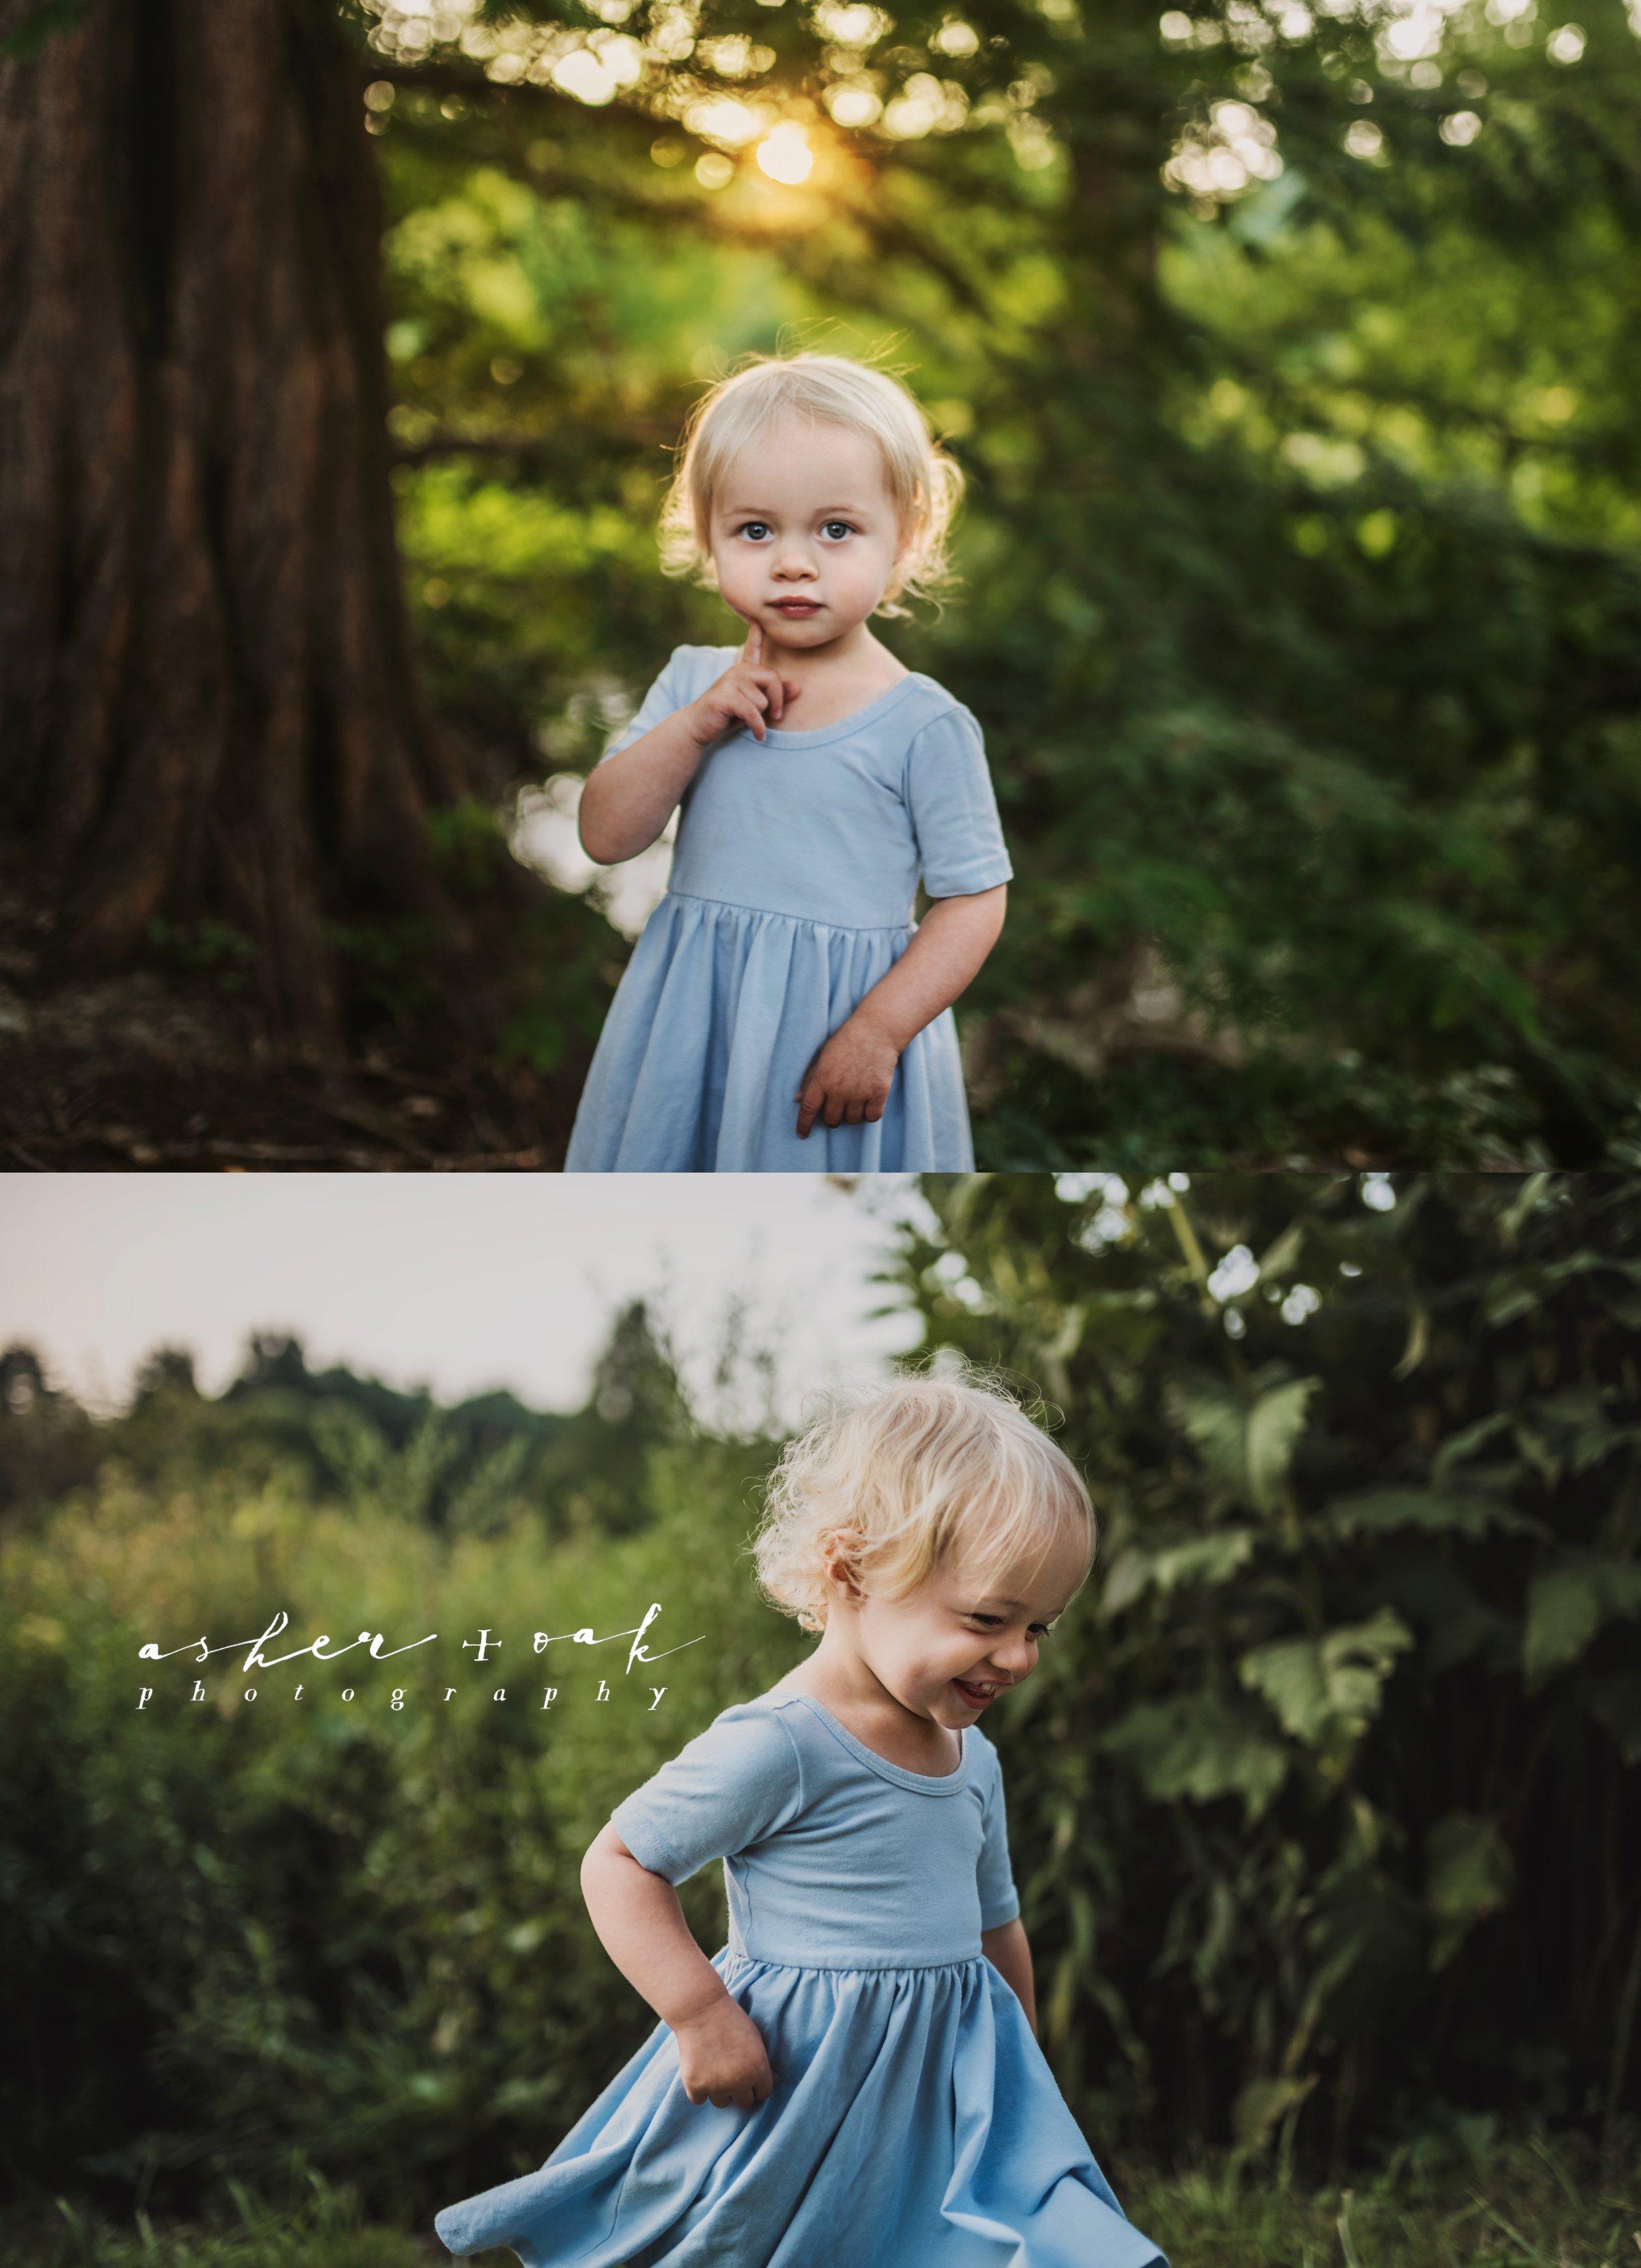 Massachusetts_Family_Photographer_Portrait_Toddler_Arnold_Arboretum_Boston_Asher_and_Oak_Photography.jpg